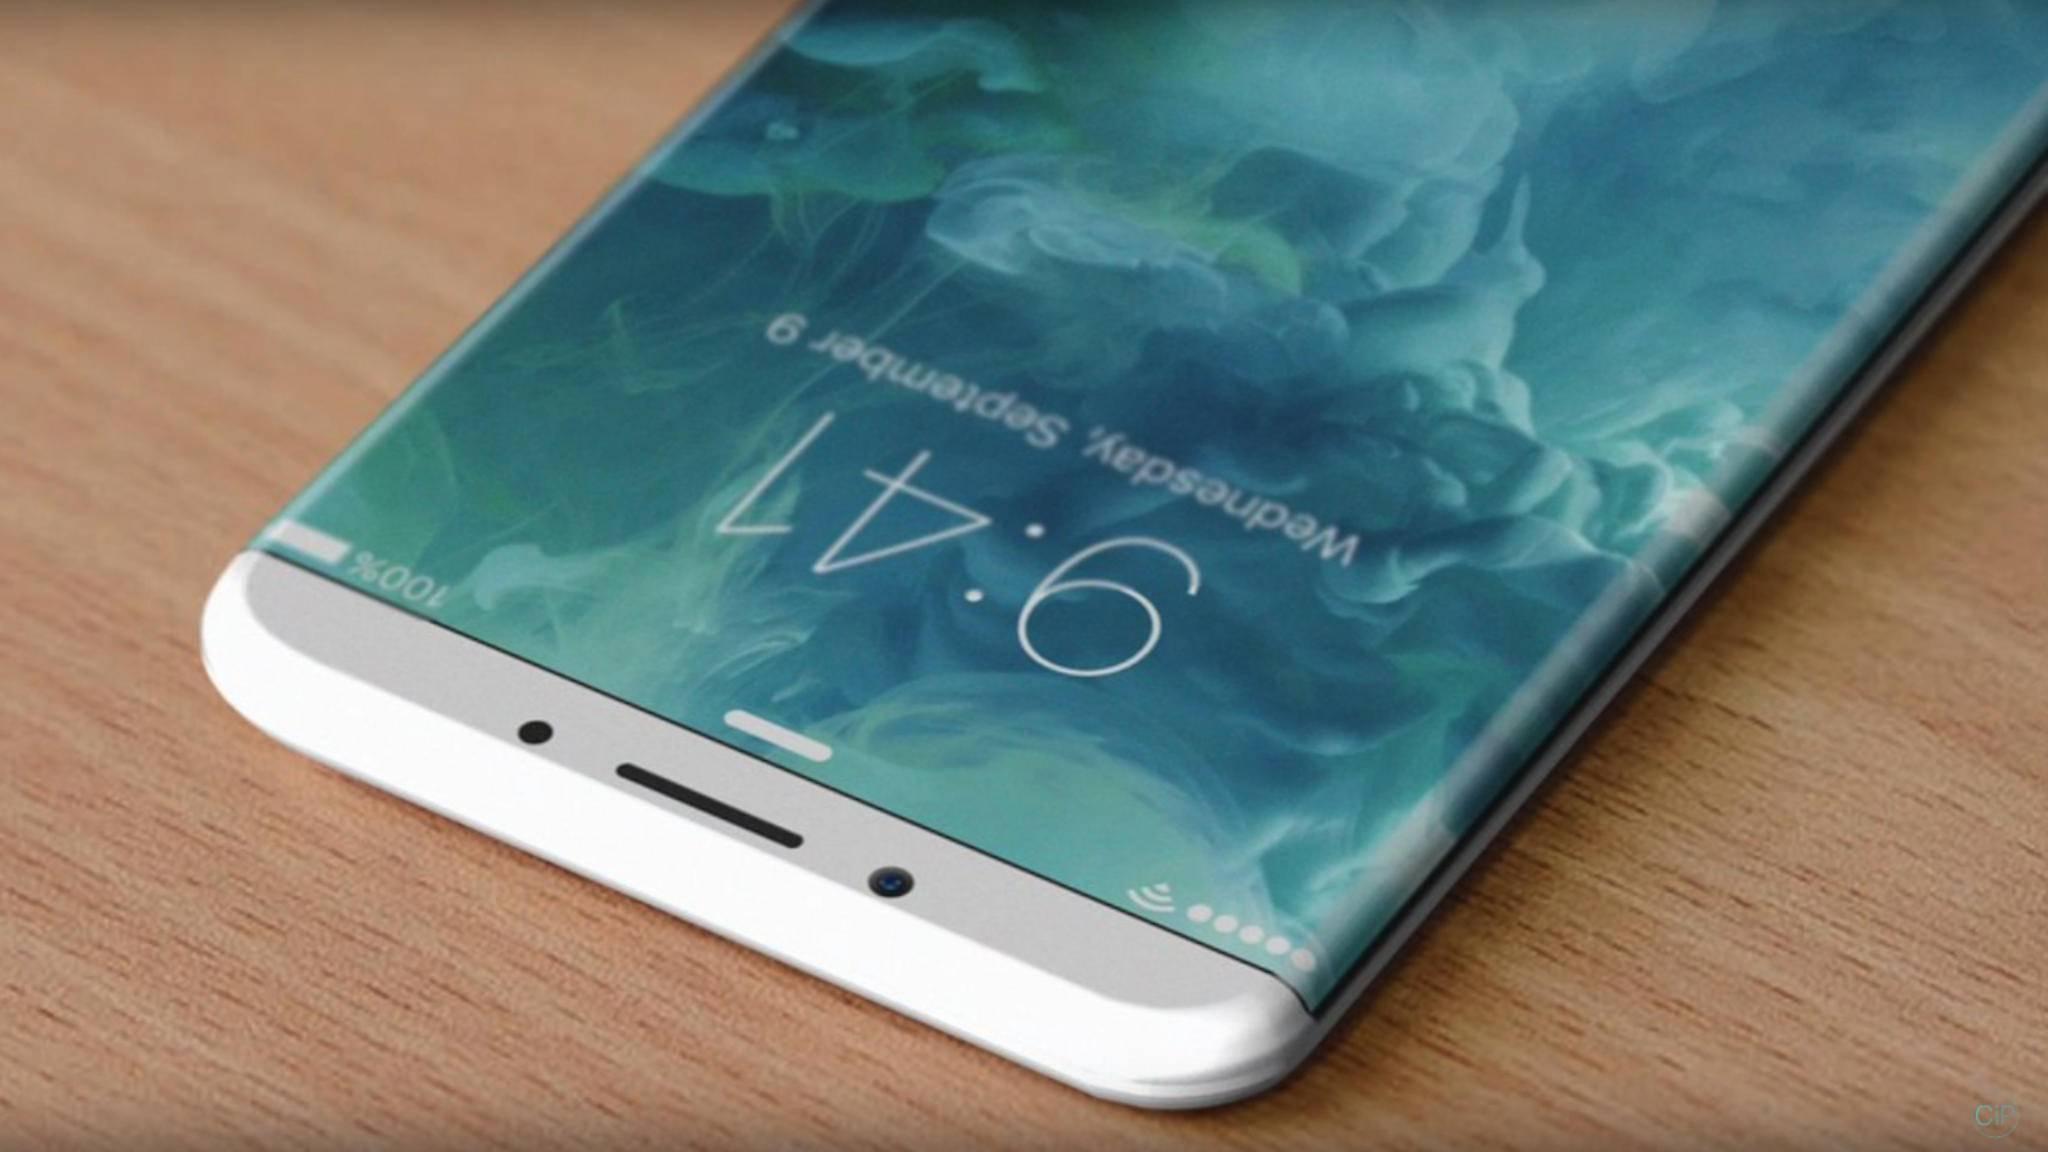 Das iPhone 8 soll angeblich Sensoren für eine Gesichtserkennung bekommen.